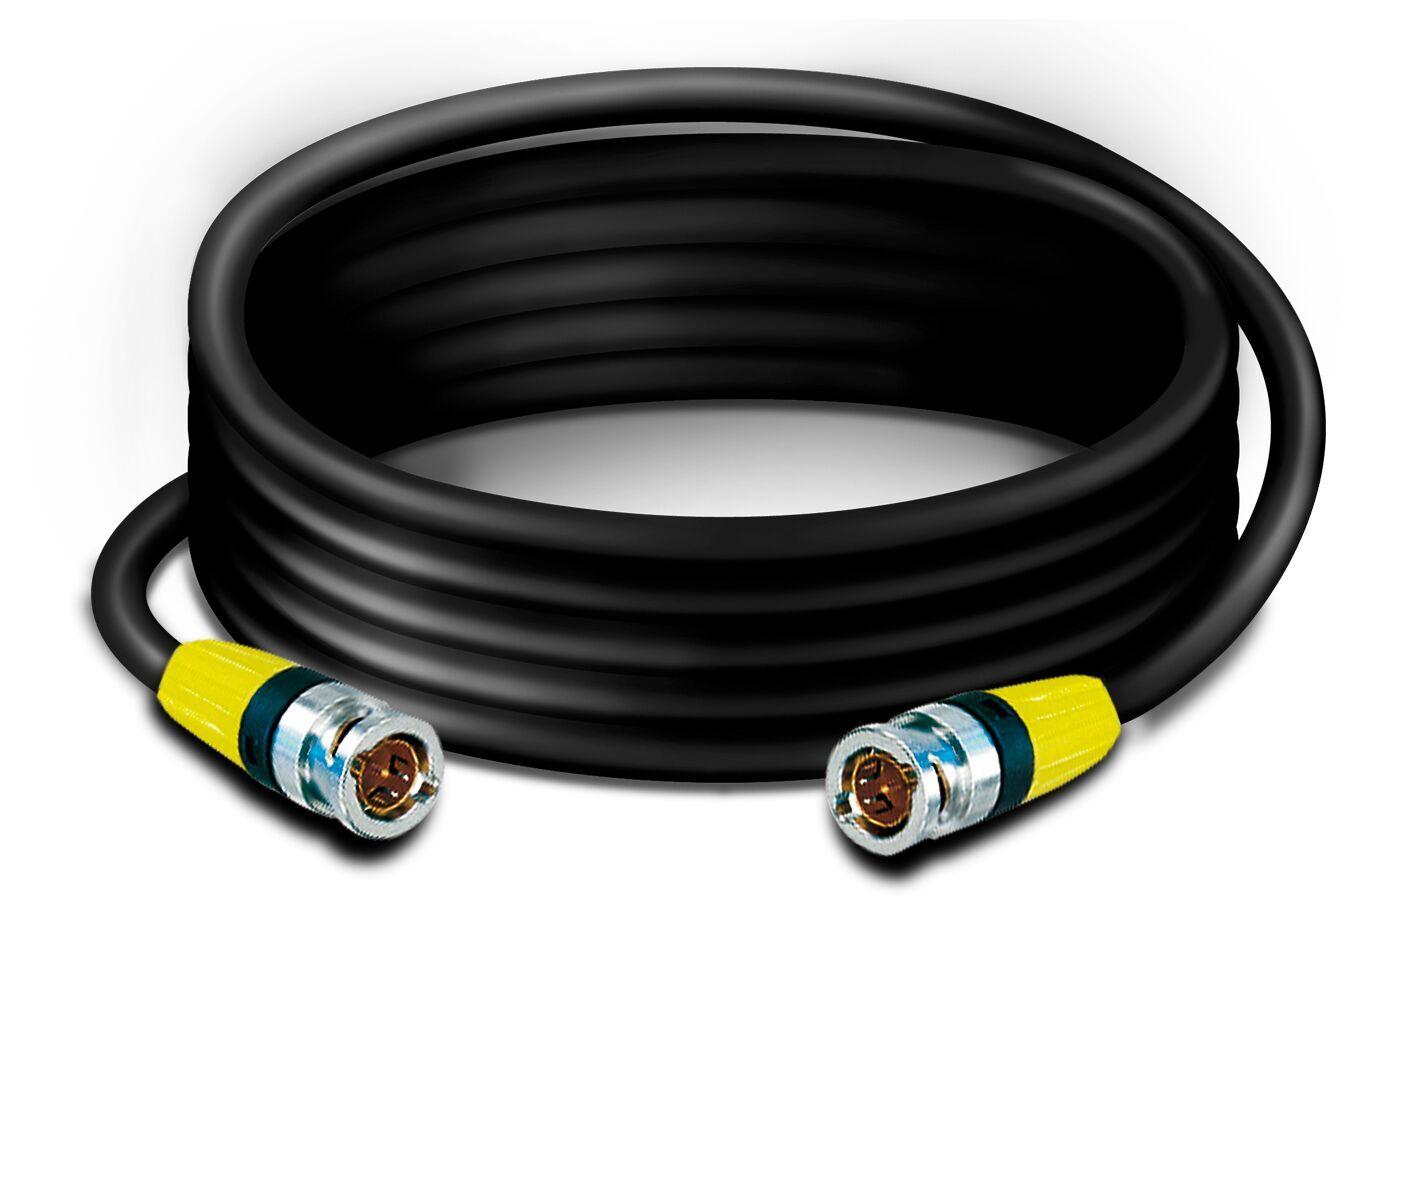 Video Analoque  2xBNC Neutrik       Tasker RG59 Flex cable